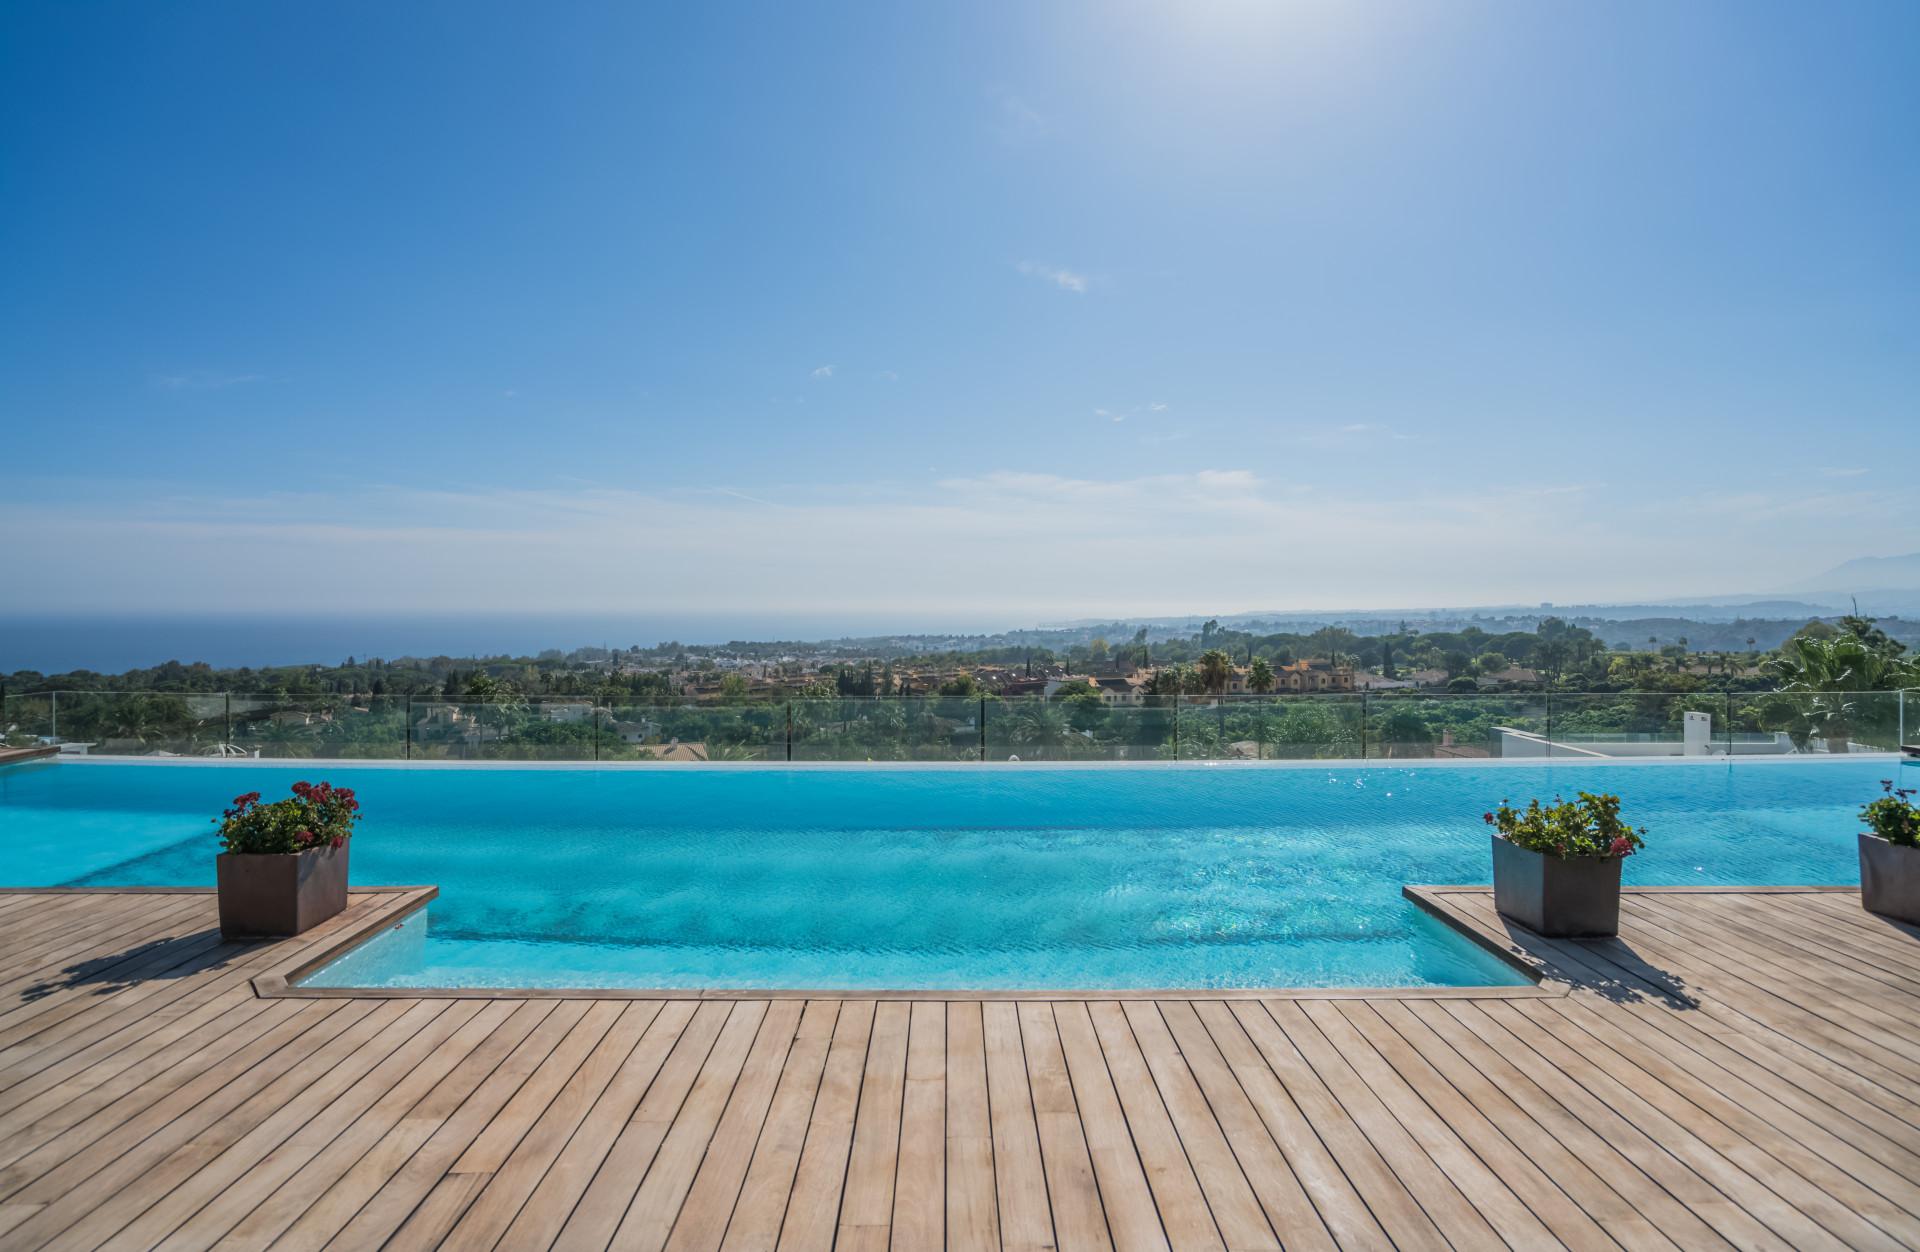 ARFA1352 - Doppel-Penthaus zu verkaufen in der Sierra Blanca in Marbella